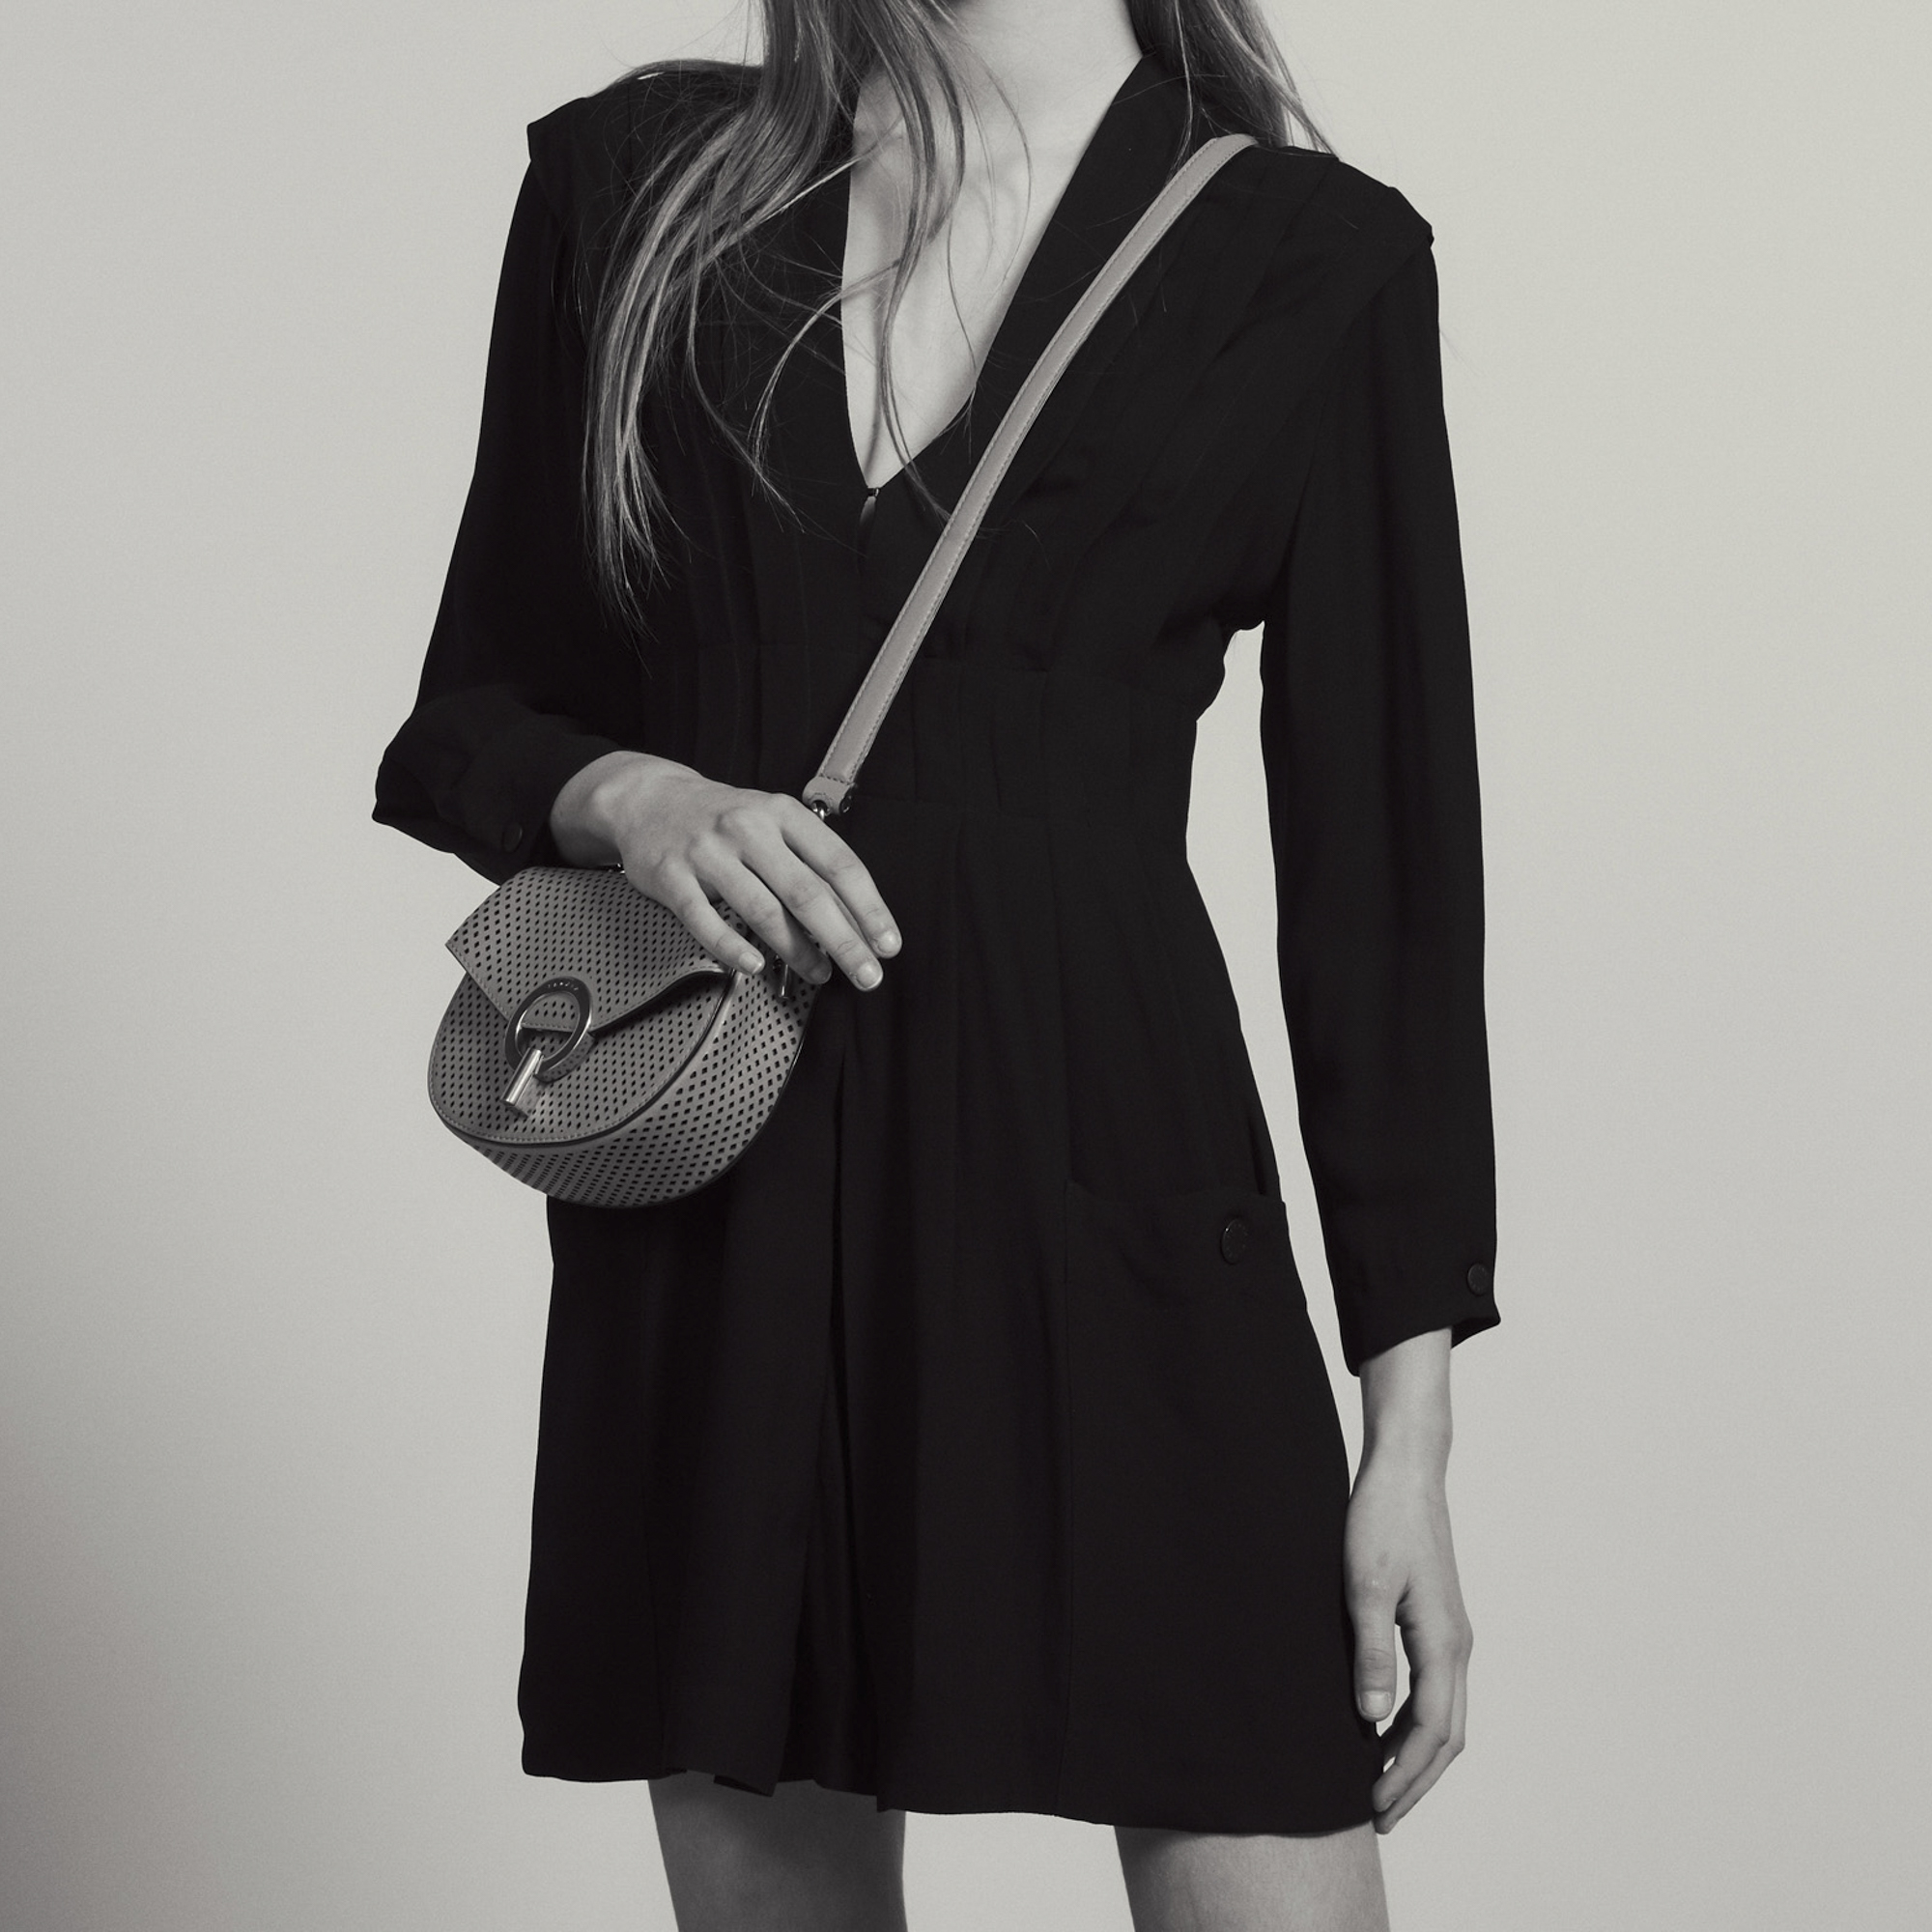 b2ea19accfab Short Flowing Dress With Pleats : Dresses color Black ...